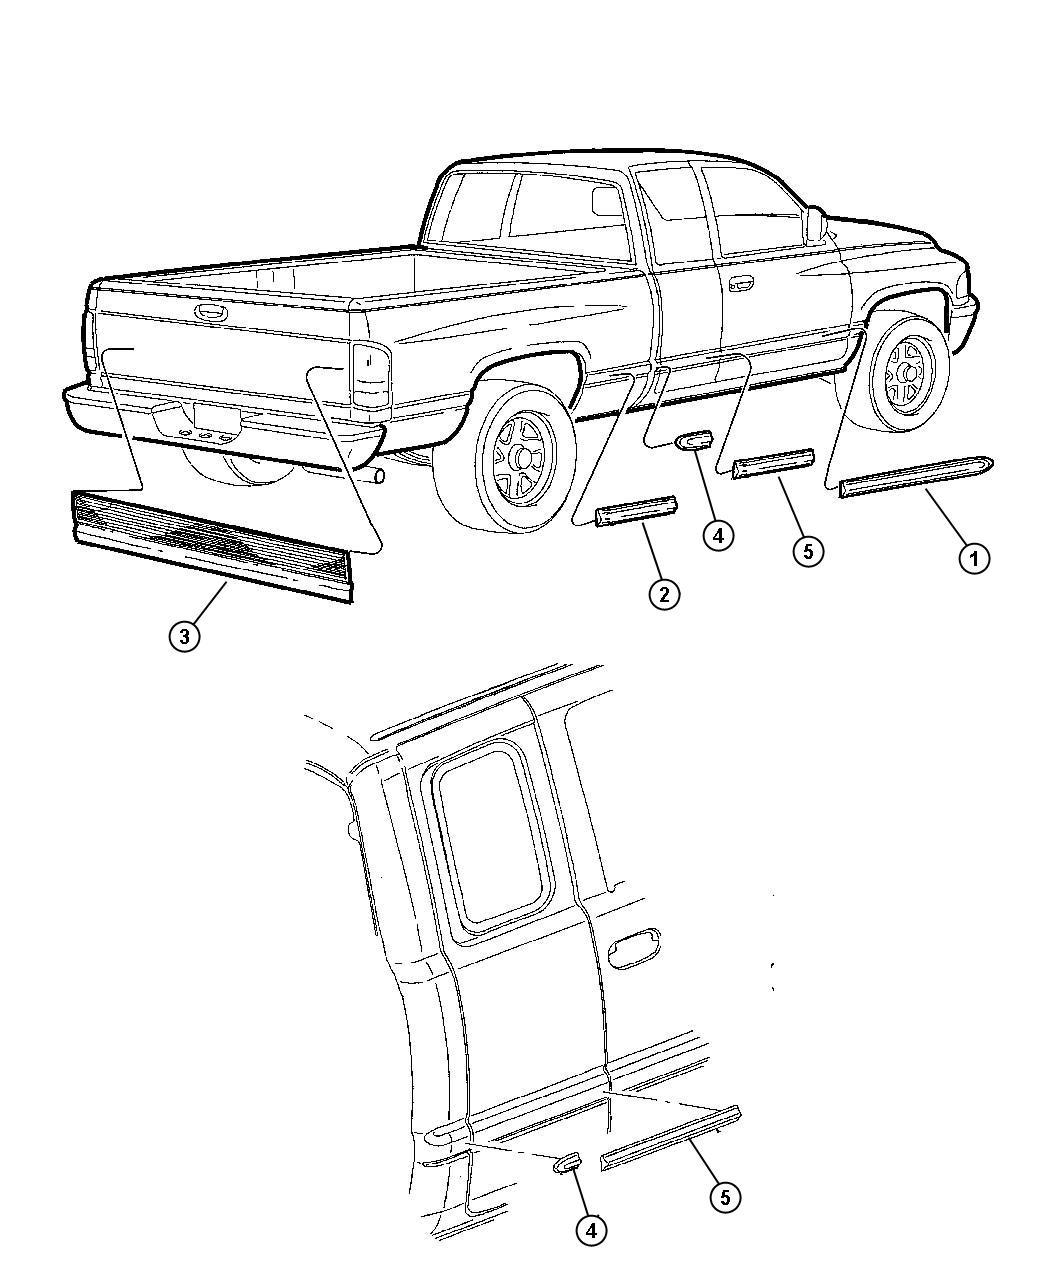 2001 Dodge Ram 1500 Applique. Tailgate. Appliquedual